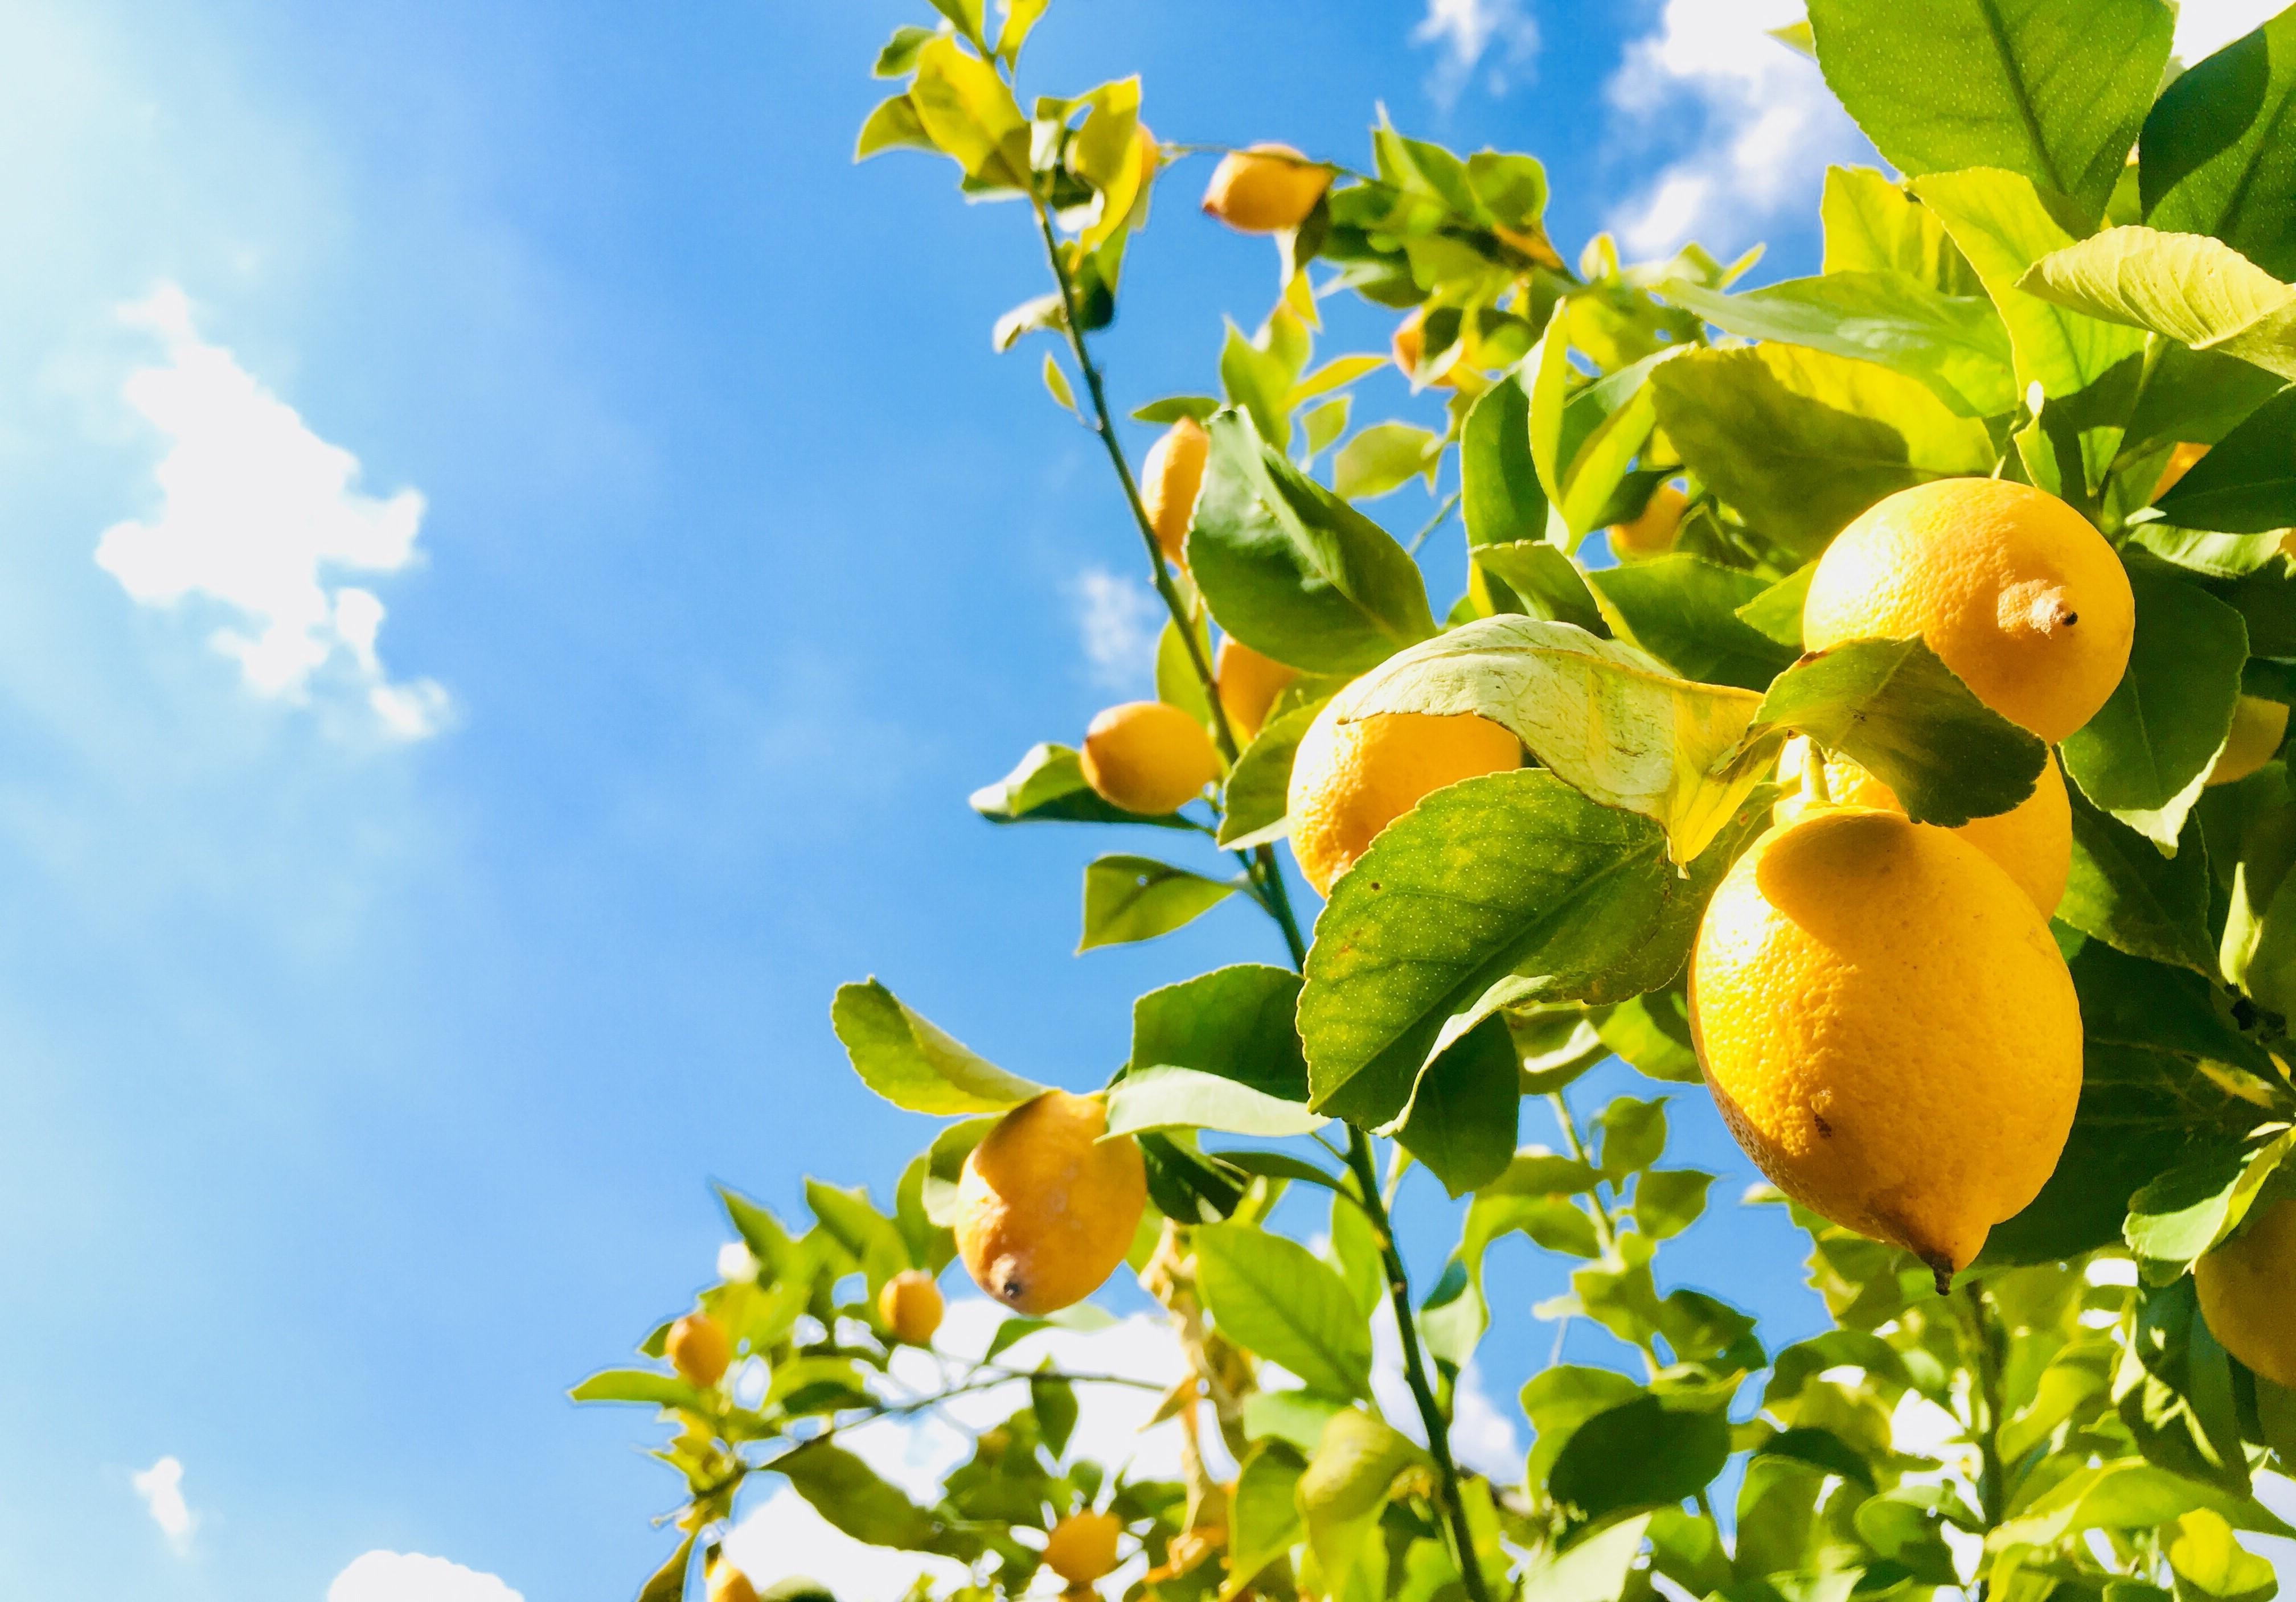 Pendant les mois d'été, les arbres peuvent atteindre des températures supérieures à 21 ° C le jour, car les températures se refroidissent la nuit.